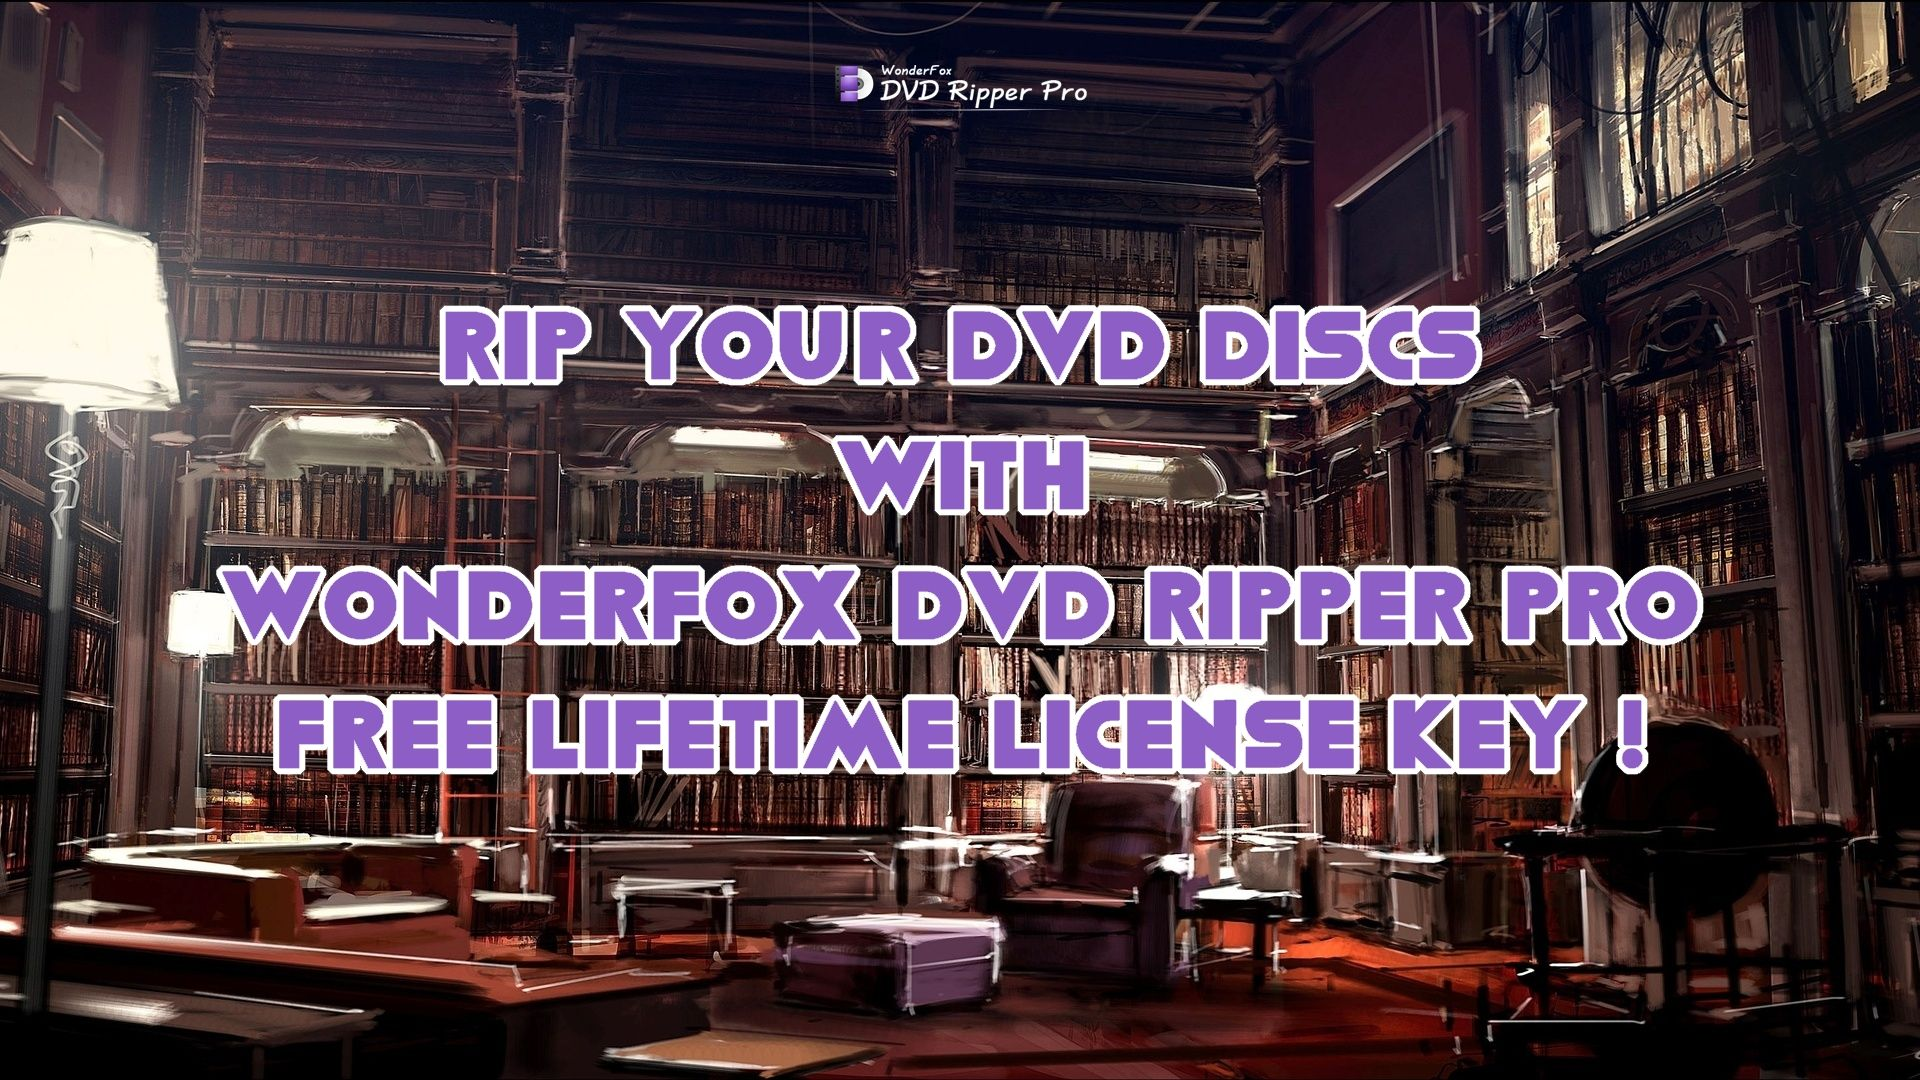 Fox dvd ripper pro v7 3 0 16 new